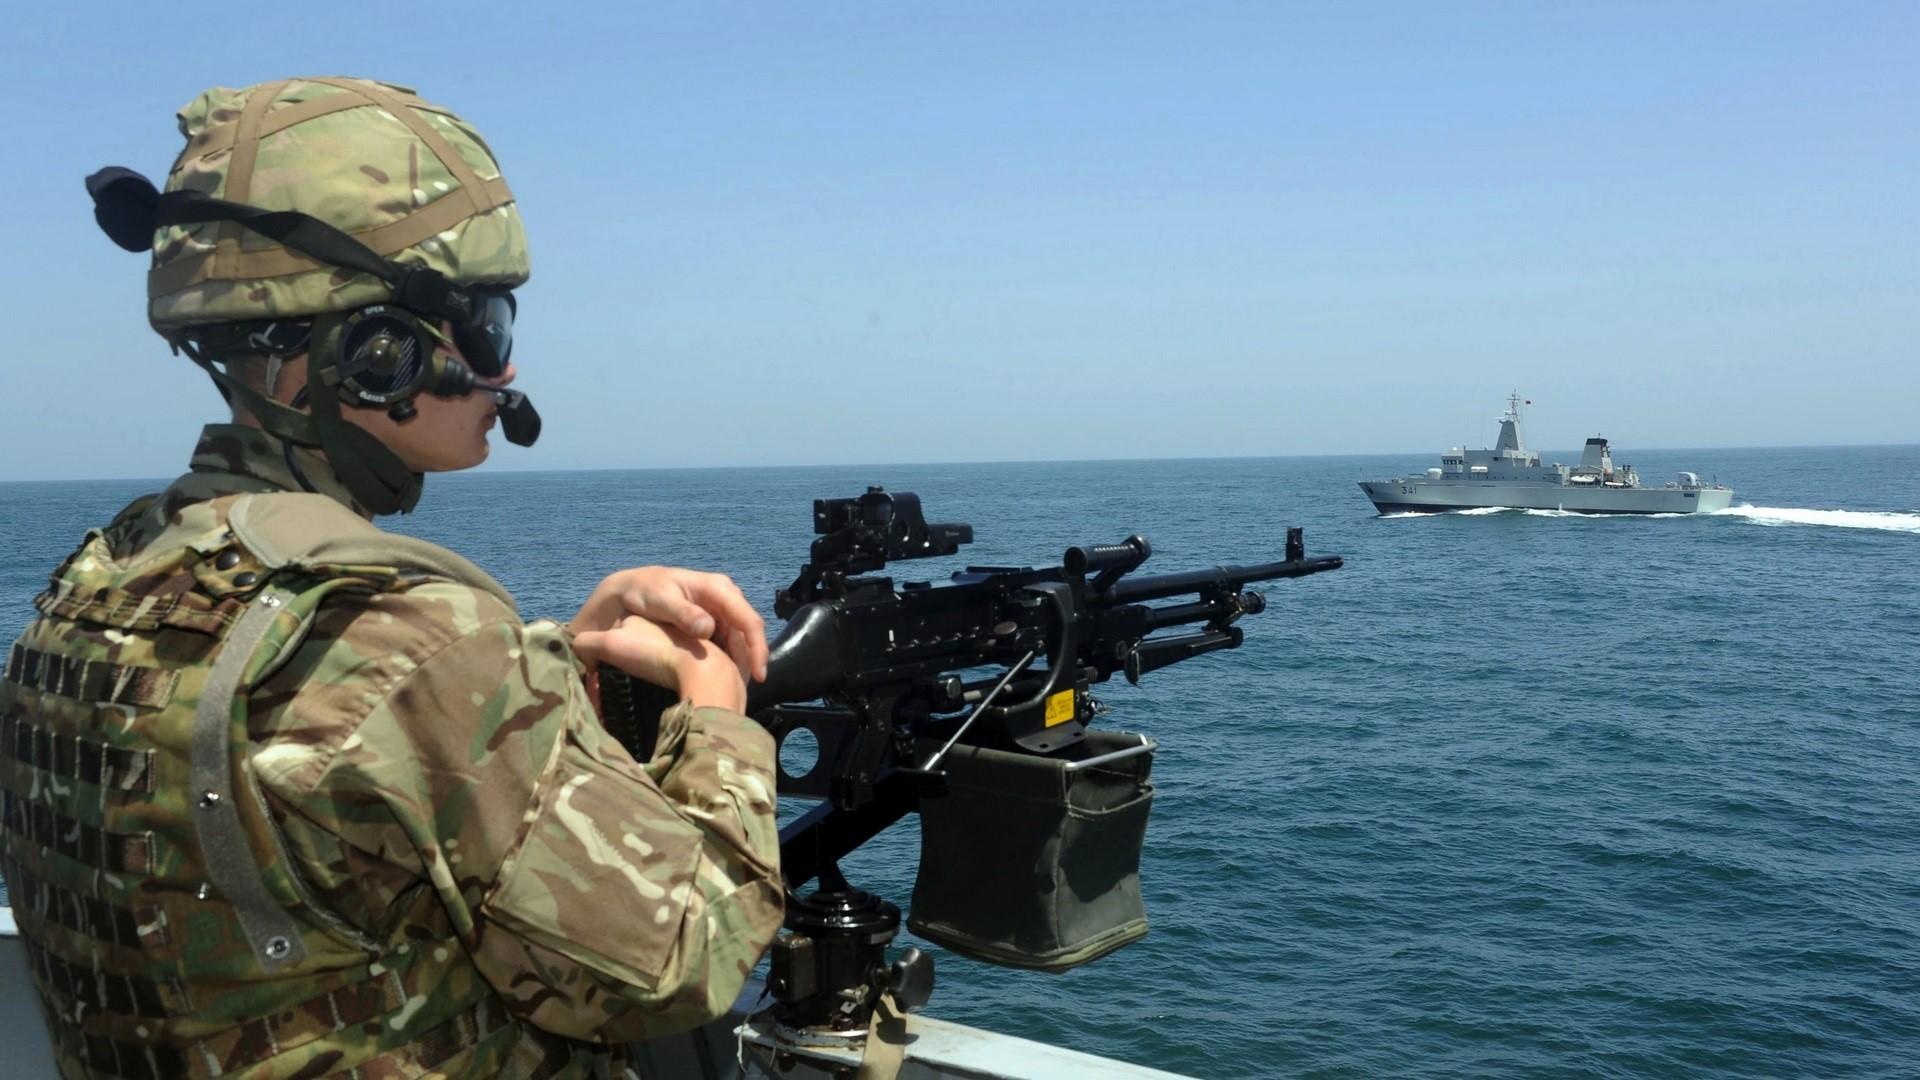 Rusya'ya karşı önlem: ABD askerleri Norveç'e konuşlanıyor